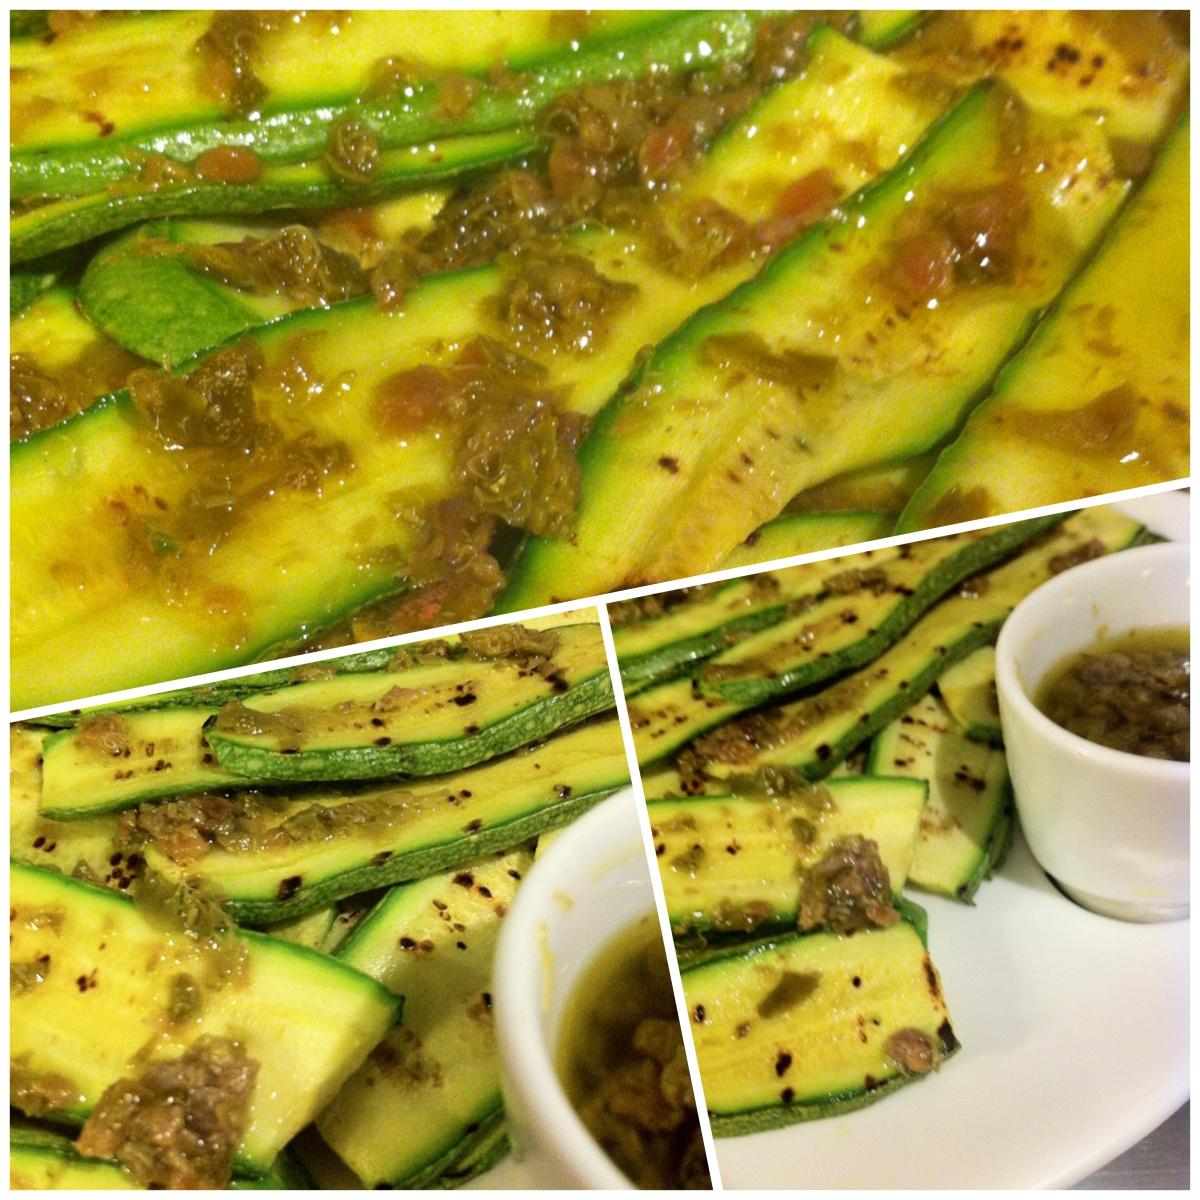 zucchine-grigliate-con-salsa.JPG